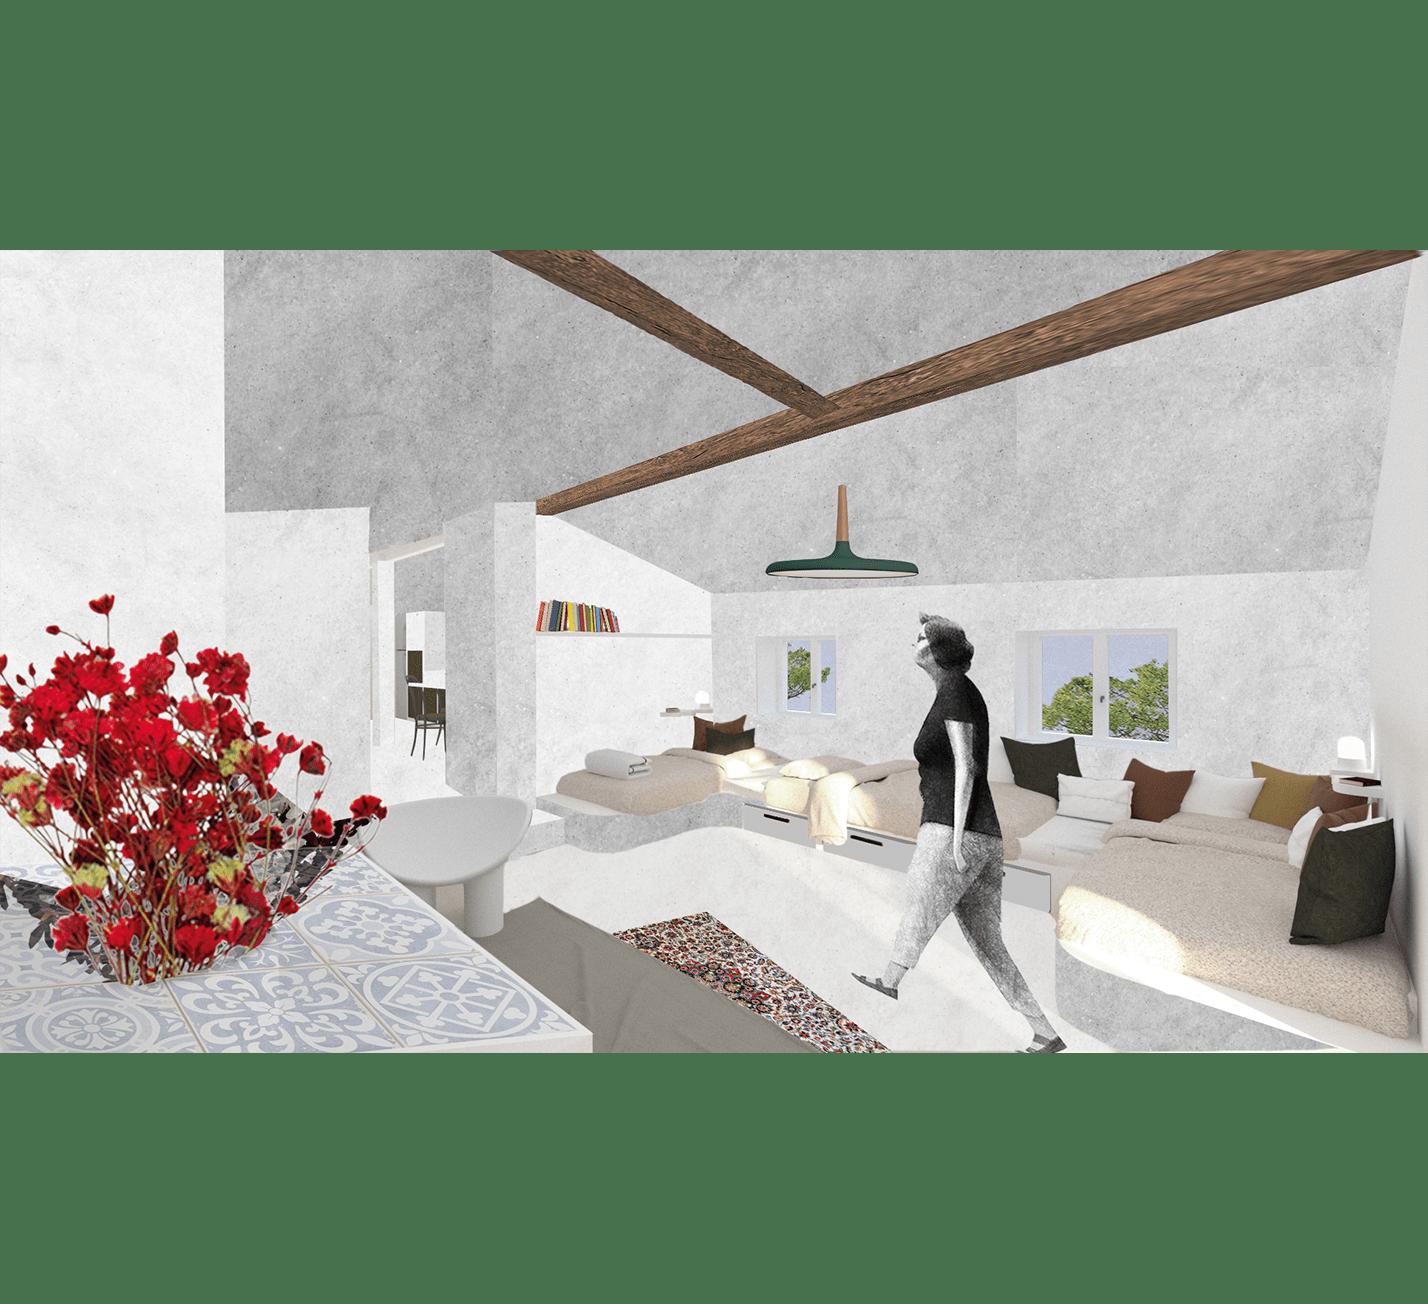 Projet-Bergeries-Atelier-Steve-Pauline-Borgia-Architecte-interieur-Vue-dortoir-04-min